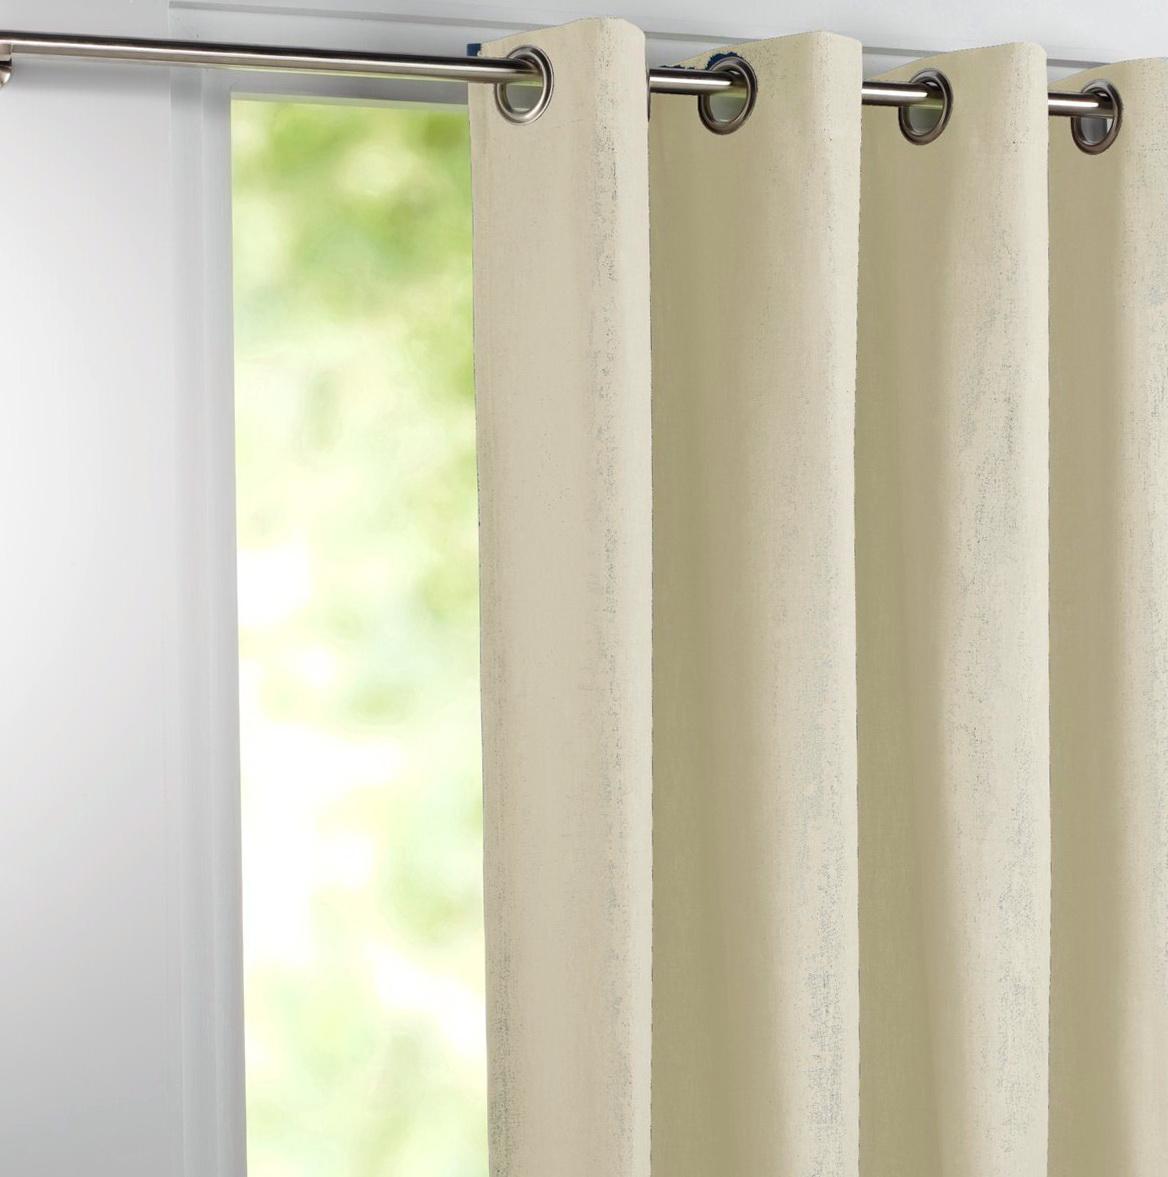 Bellagio Linen Curtains Natural Linen Blend